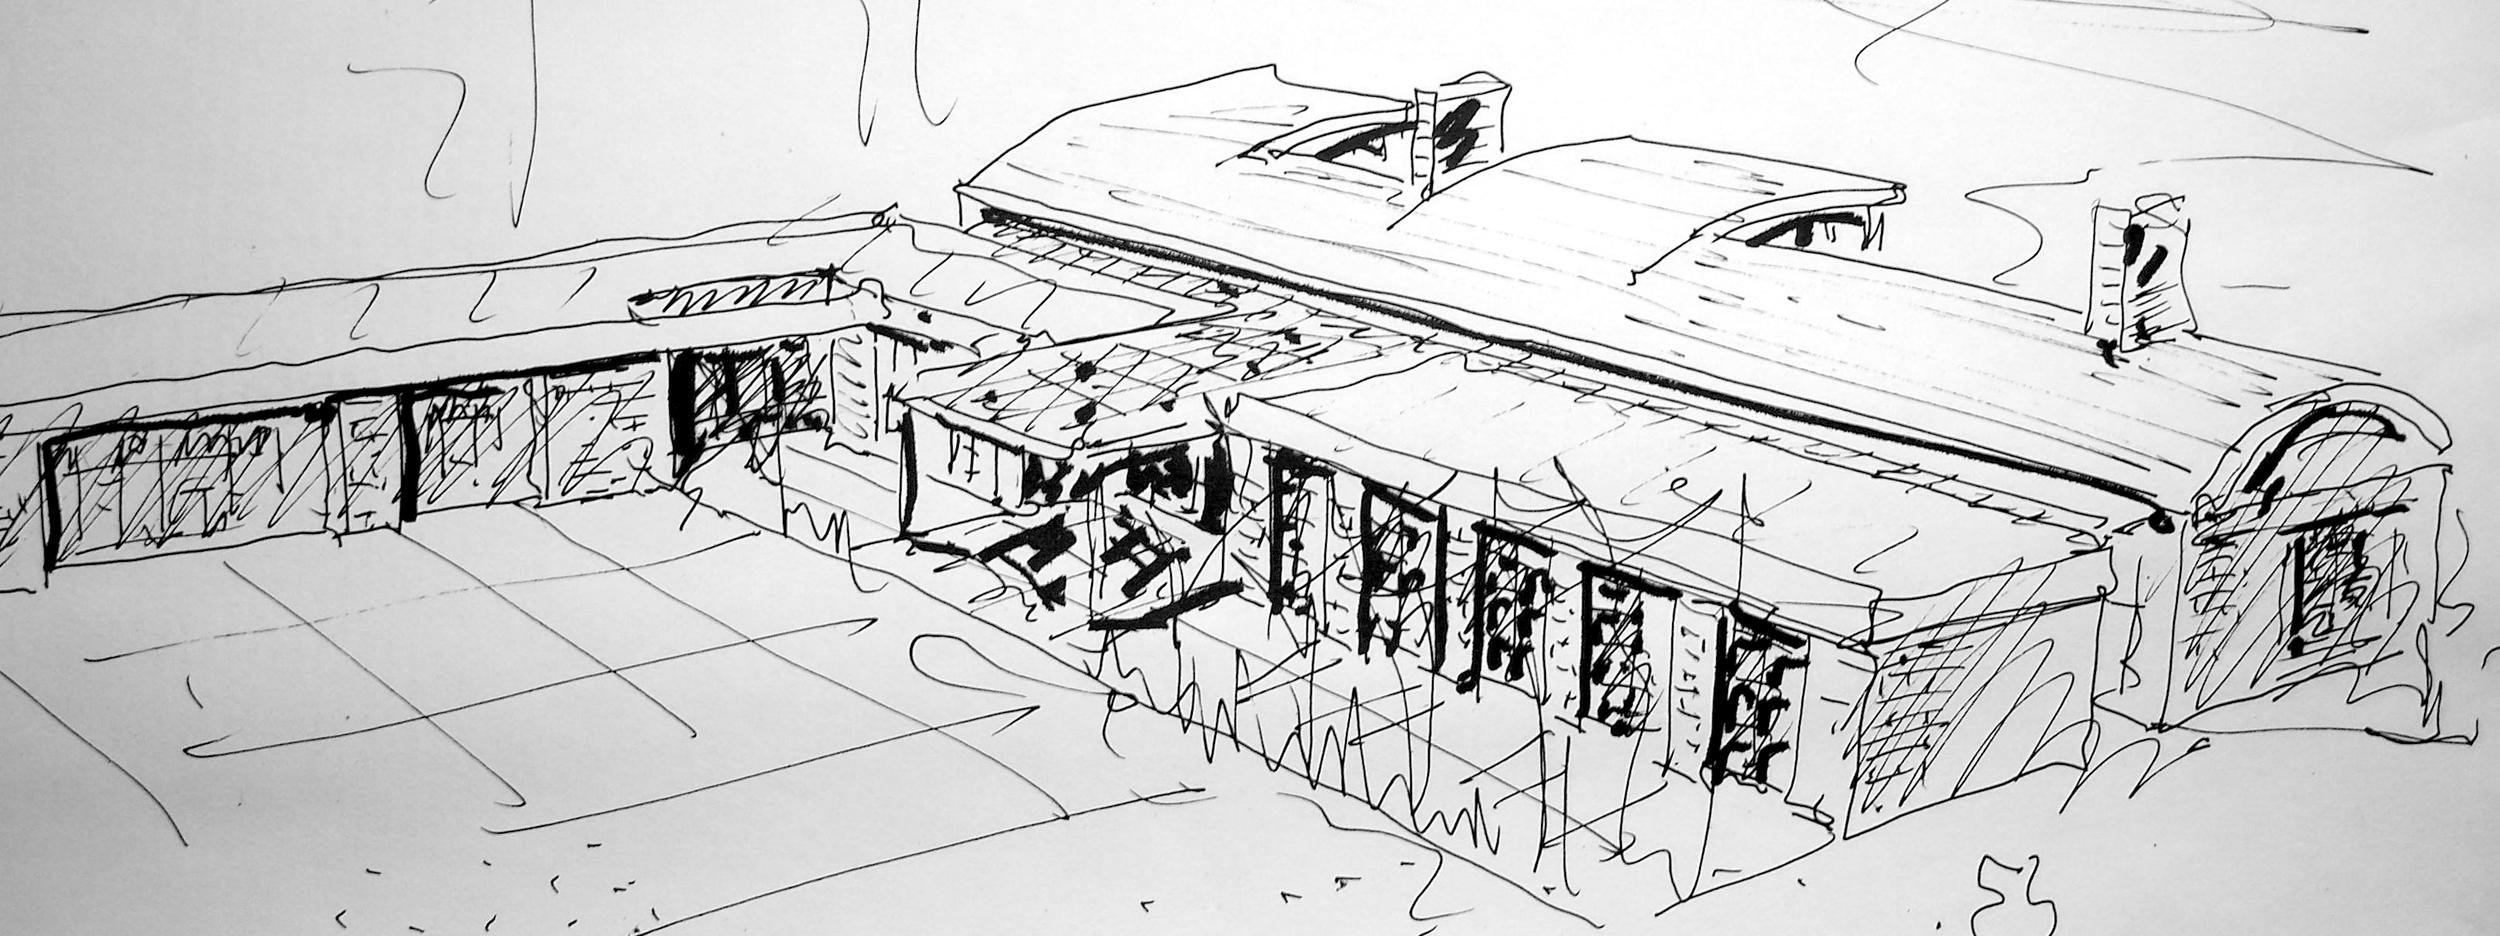 JC misc sketches 021.jpg